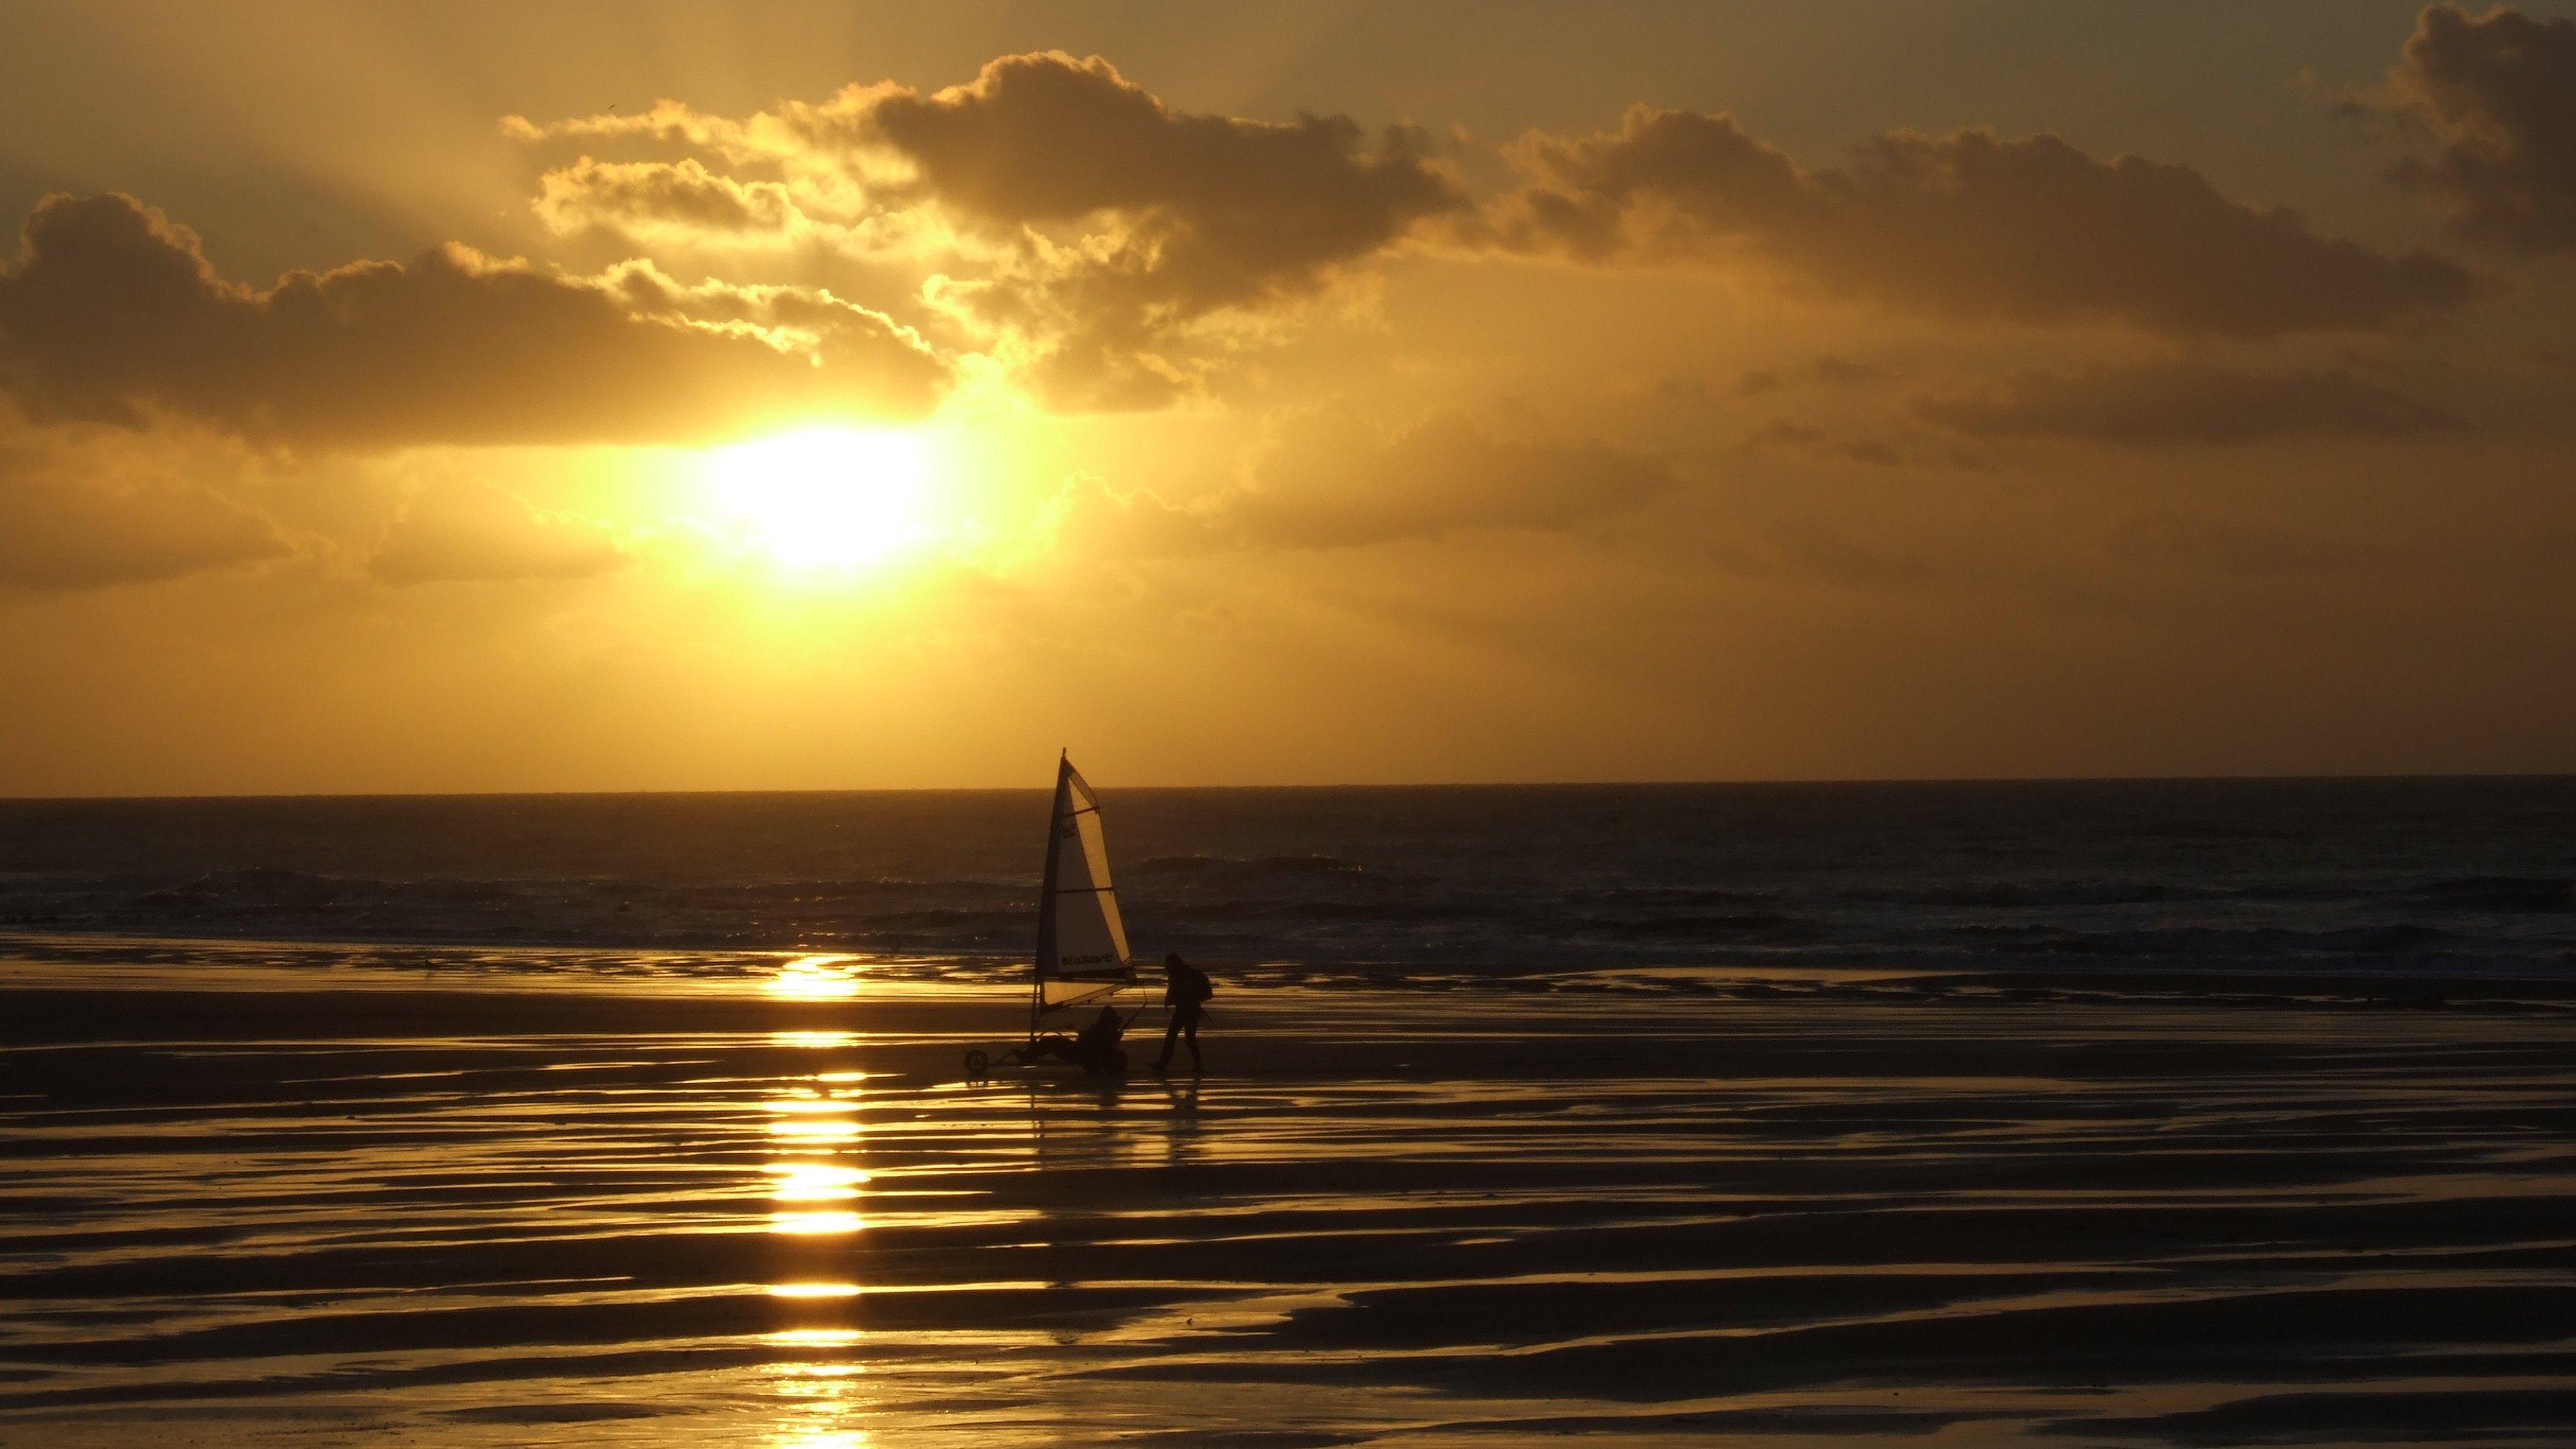 Sunset in belgium photo